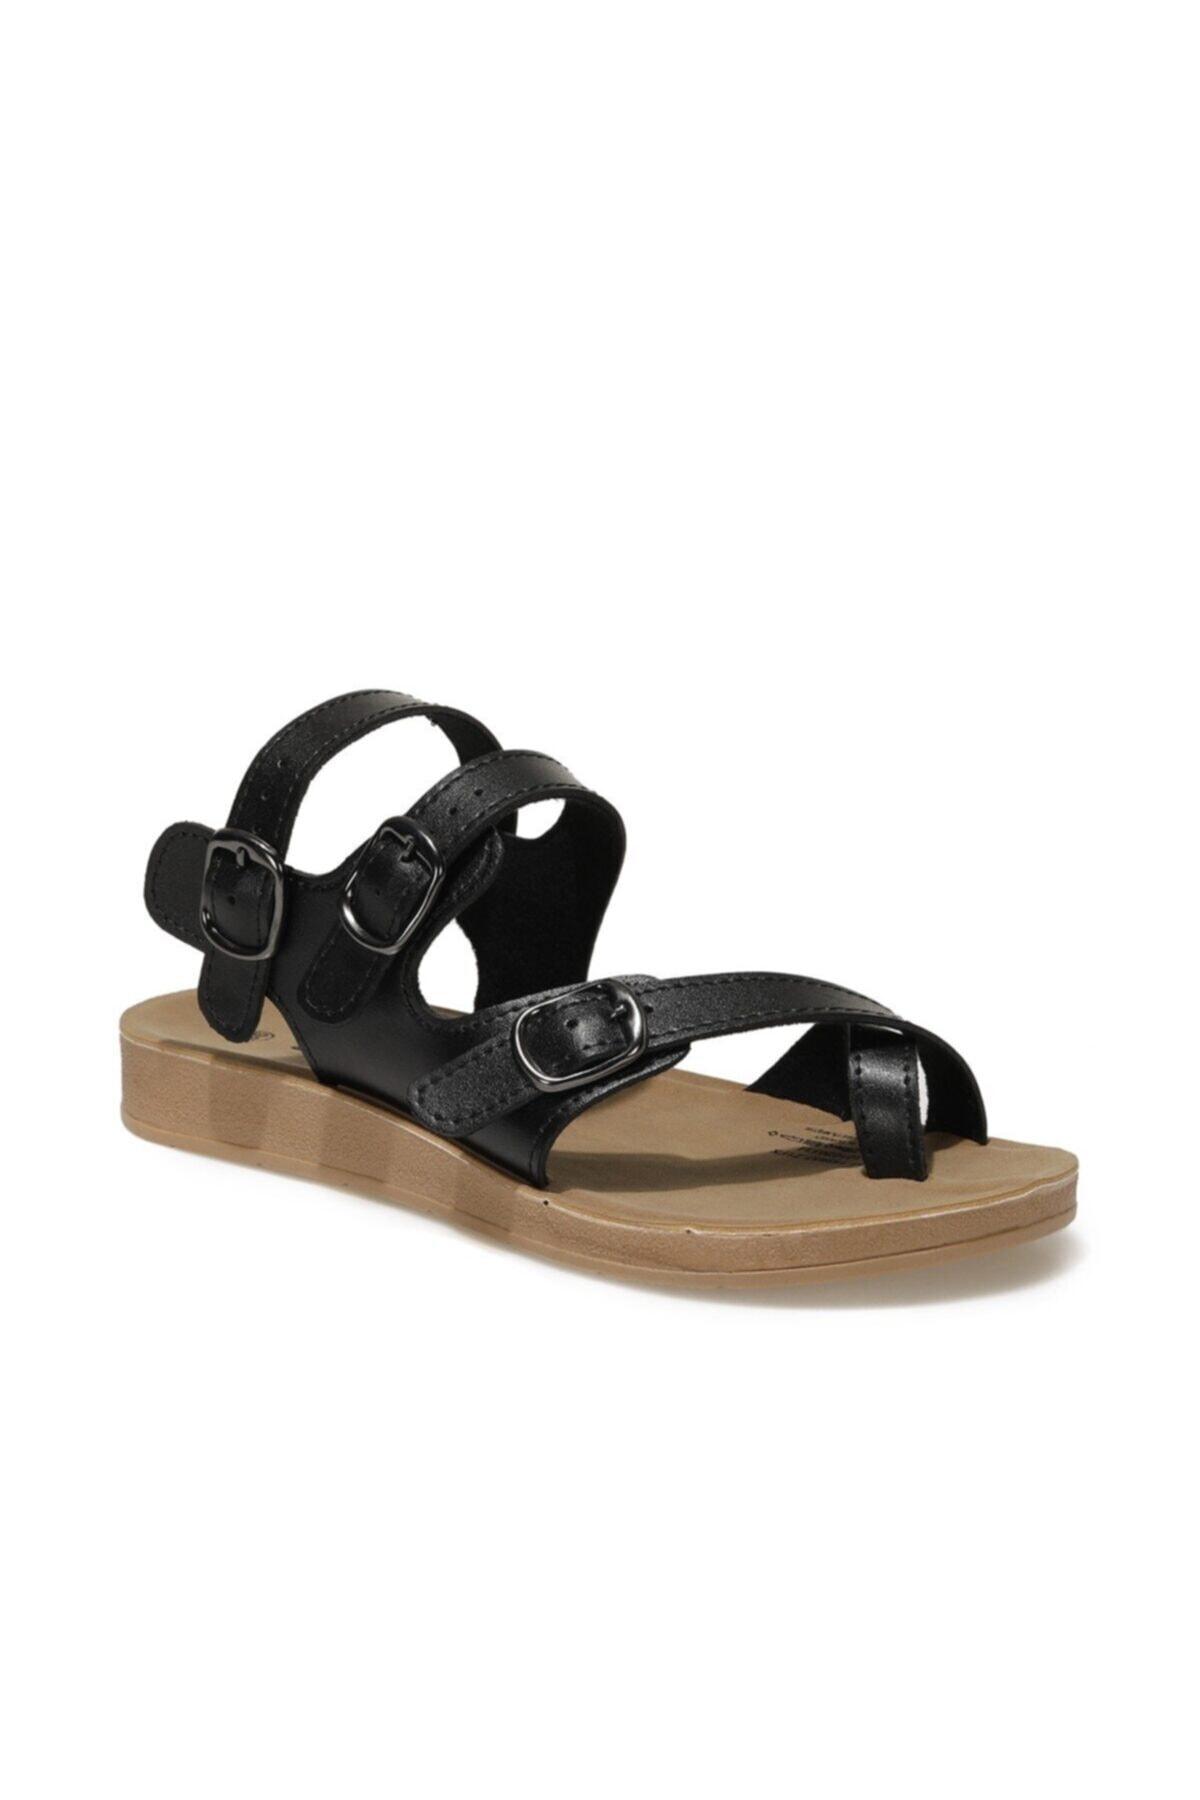 91.158657.Z1FX Siyah Kadın Sandalet 101020334